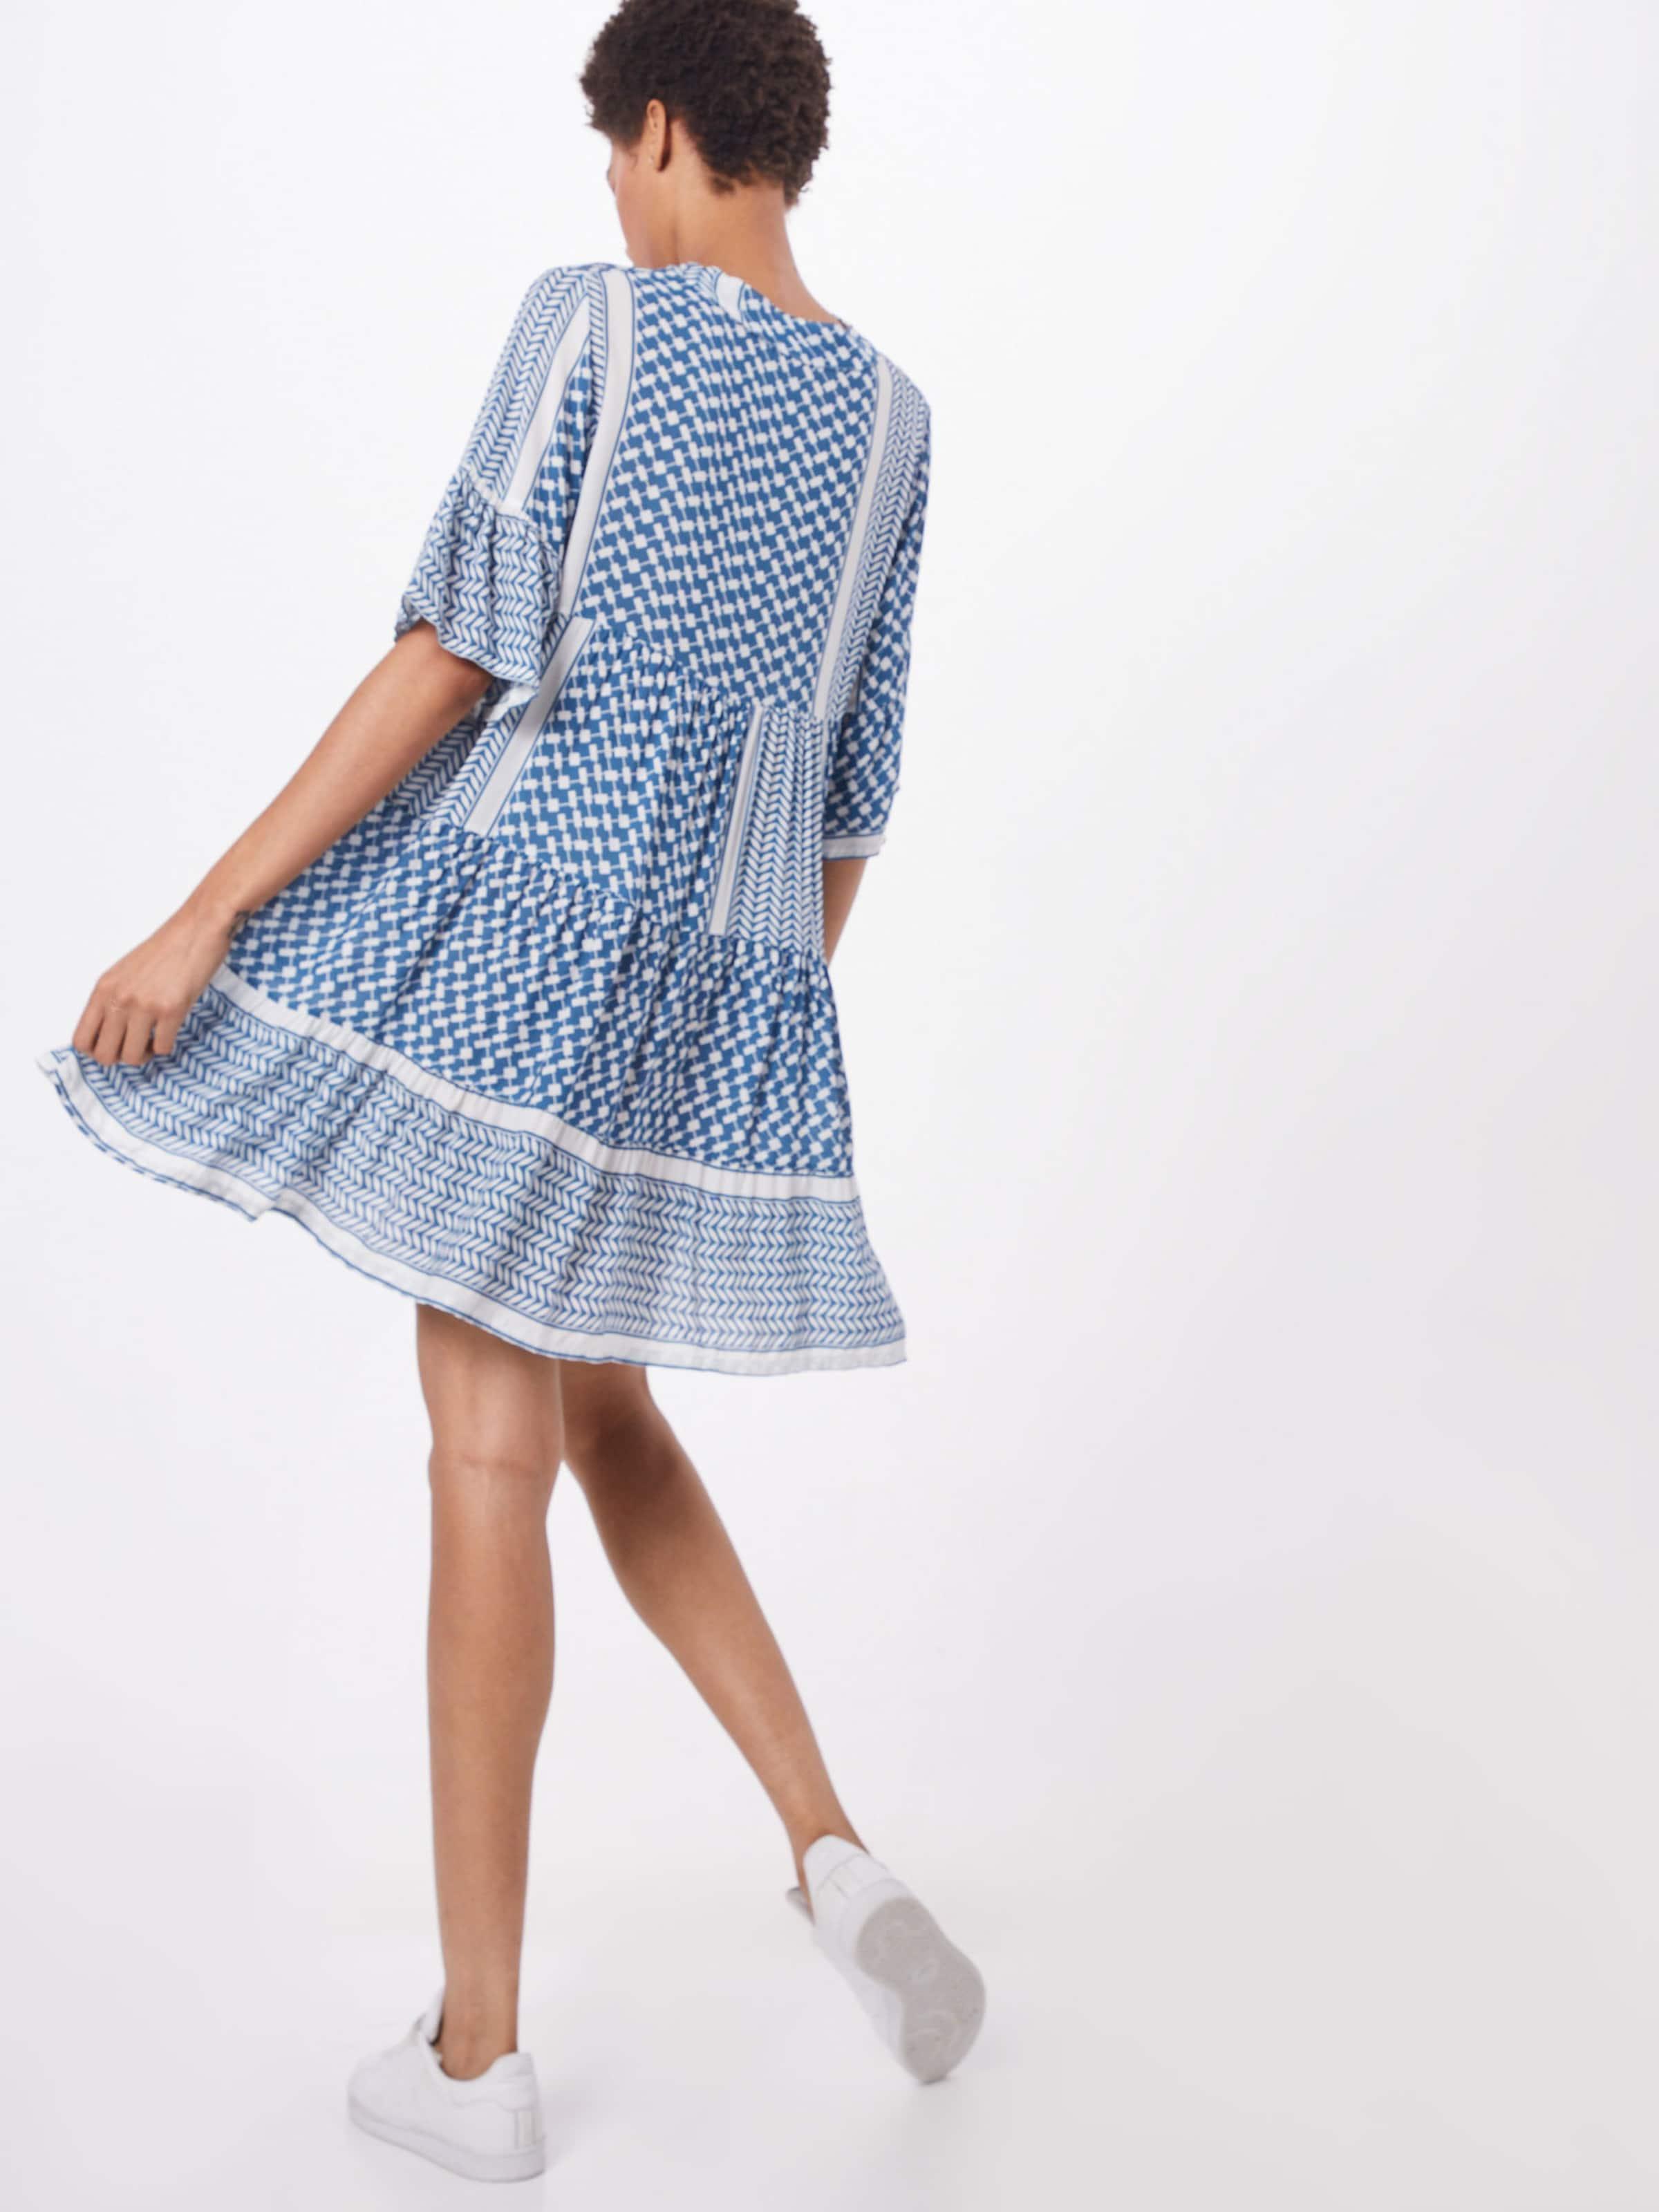 Kleid Zwillingsherz Kleid Zwillingsherz BlauWeiß Kleid BlauWeiß In In In Zwillingsherz 8kn0wPOX